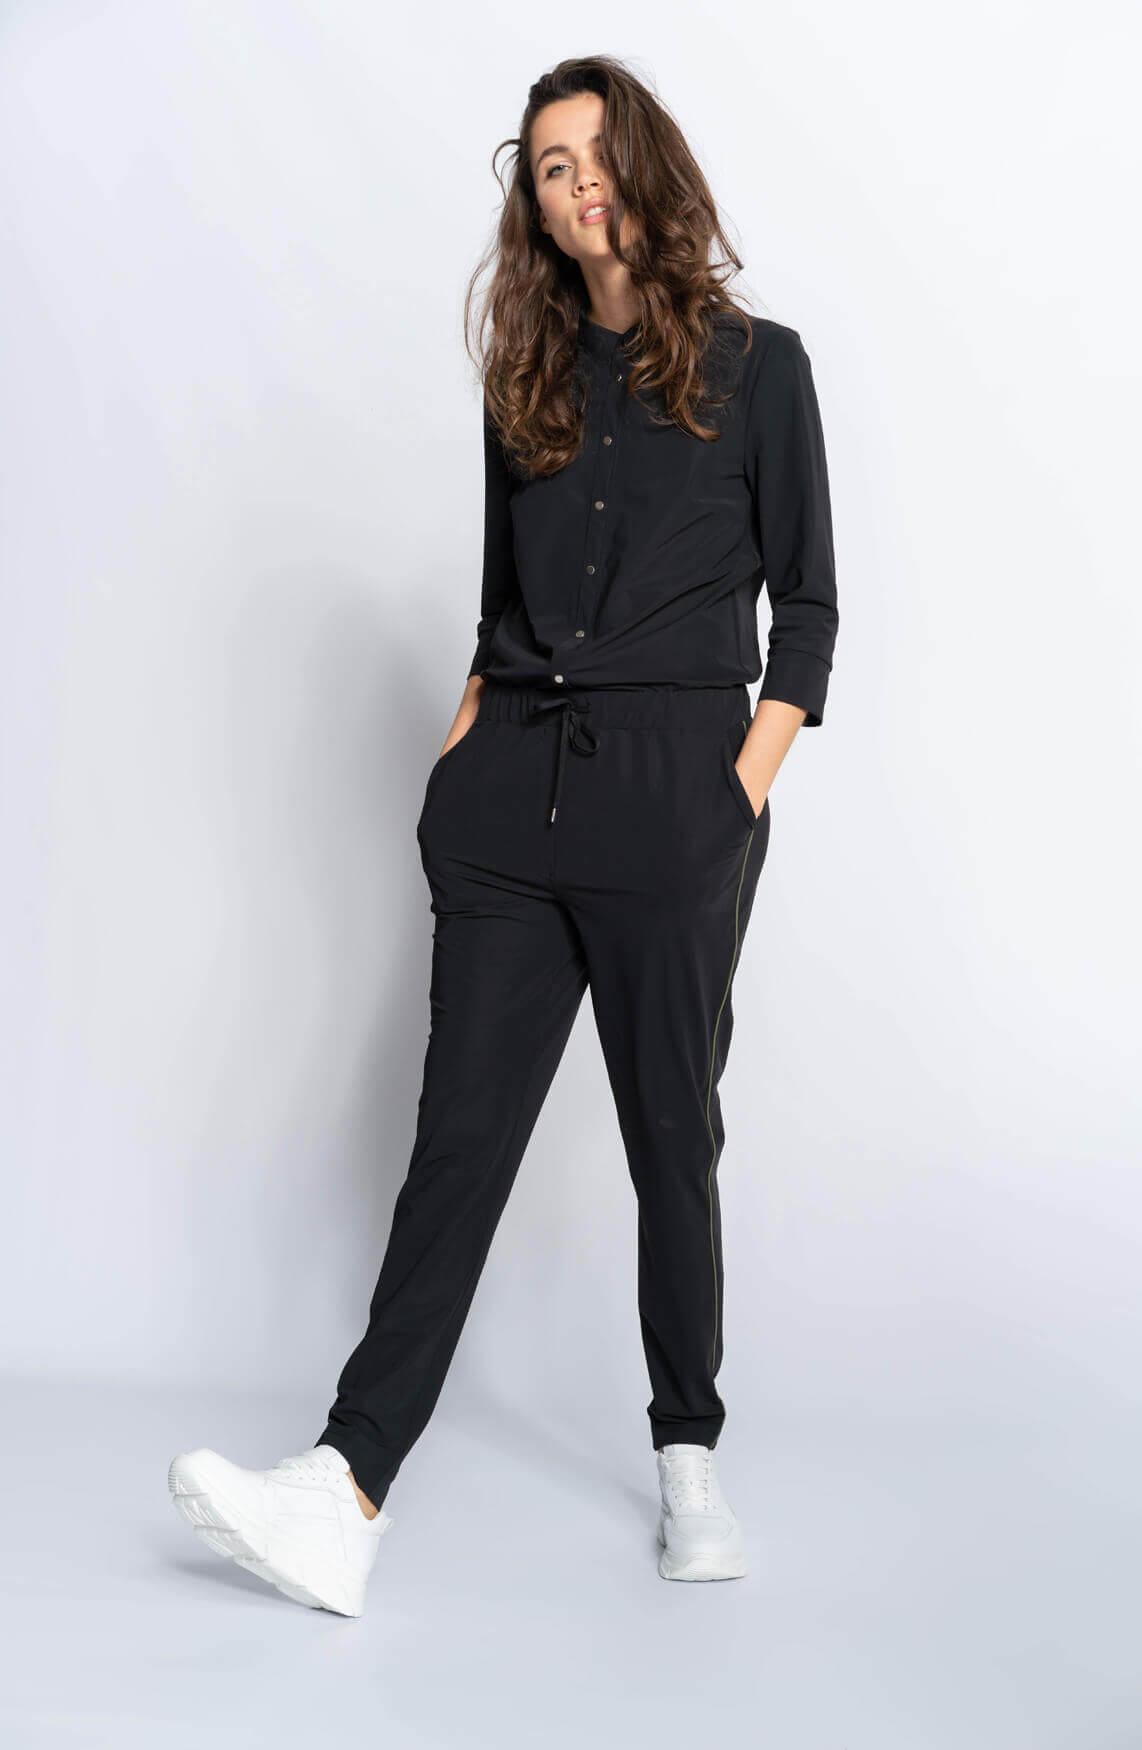 Anna Blue Dames Jersey jumpsuit met bies zwart